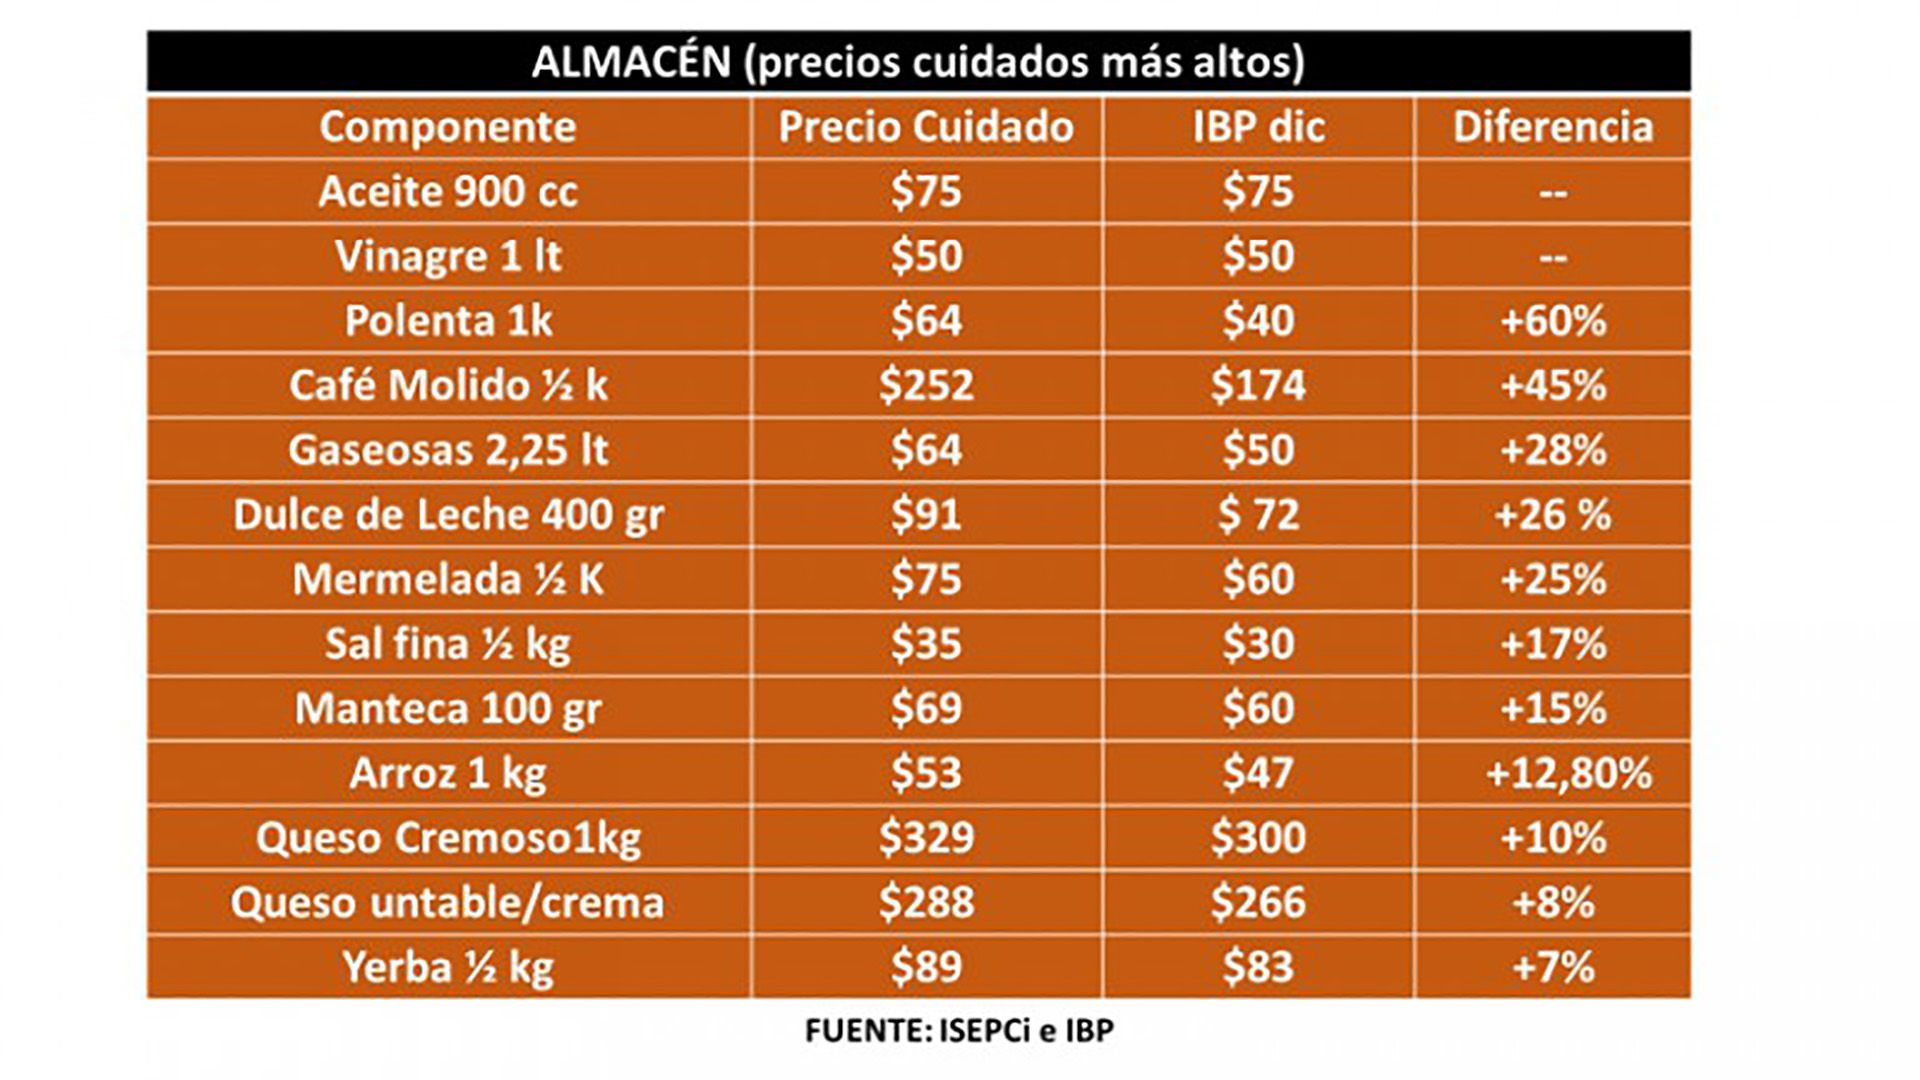 Los Precios Cuidados de productos de almacén que más aumentaron respecto del Índice Barrial de Precios de ISEPCi